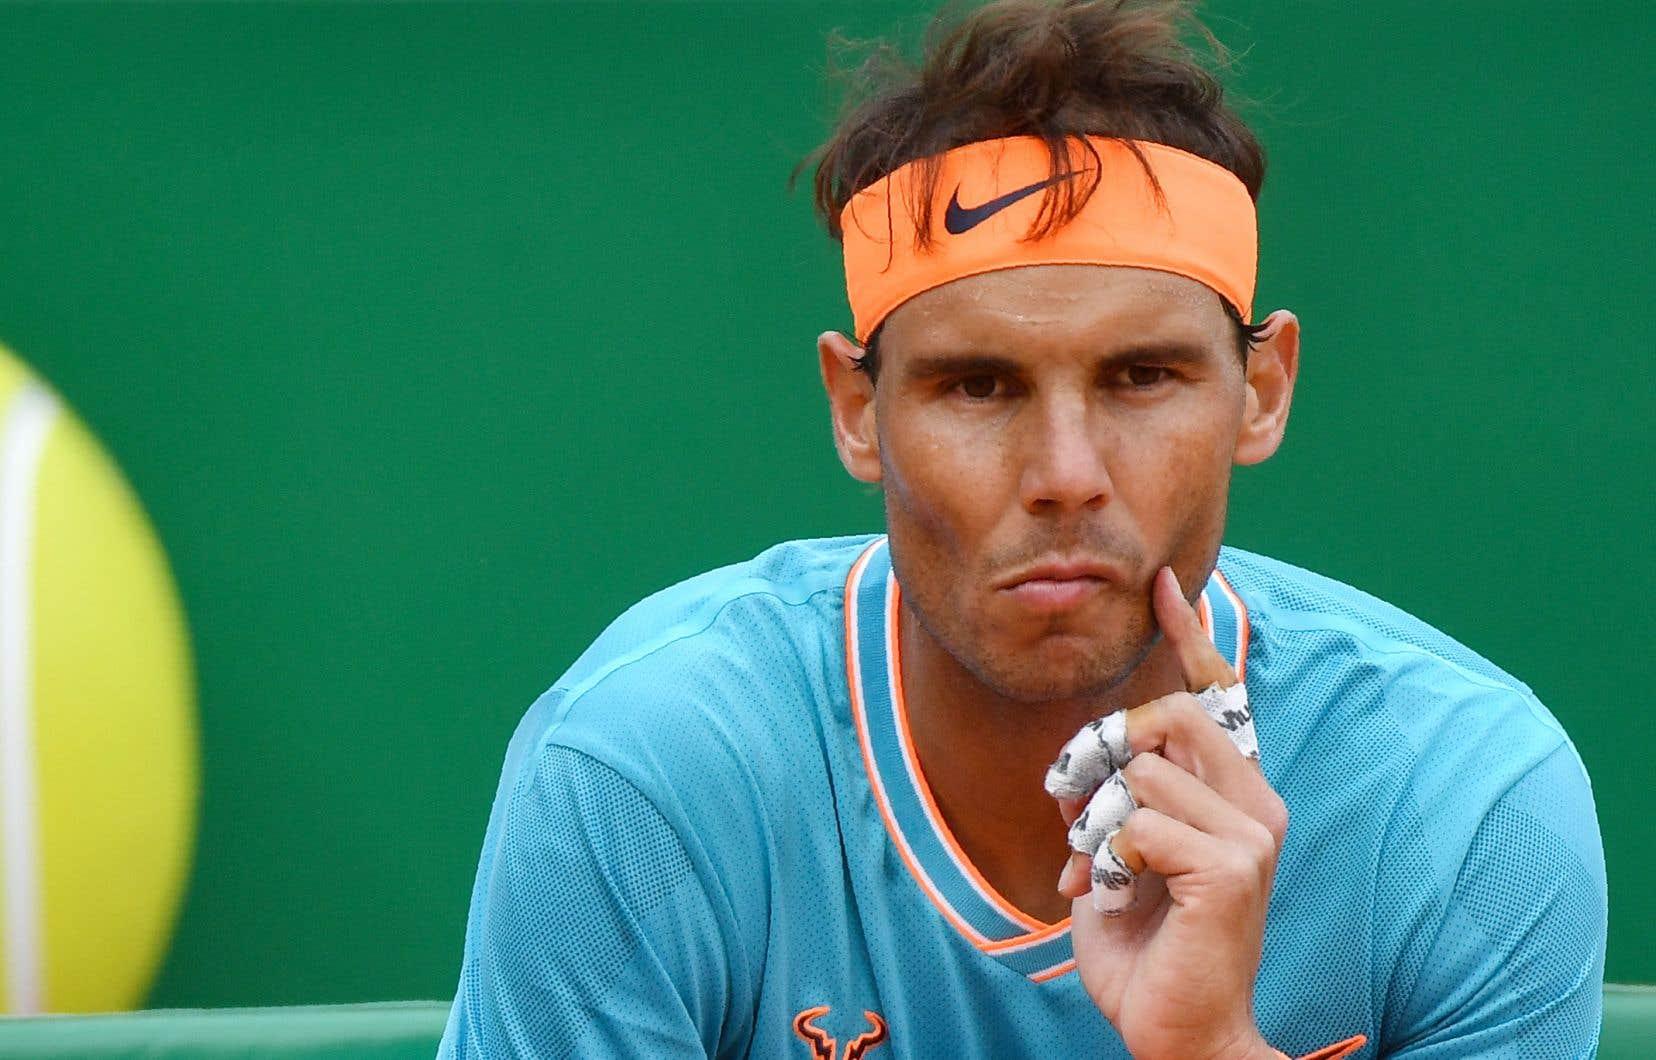 «Il faut que je retourne au travail, avec pour objectif de meretrouver», a déclaré Nadal.